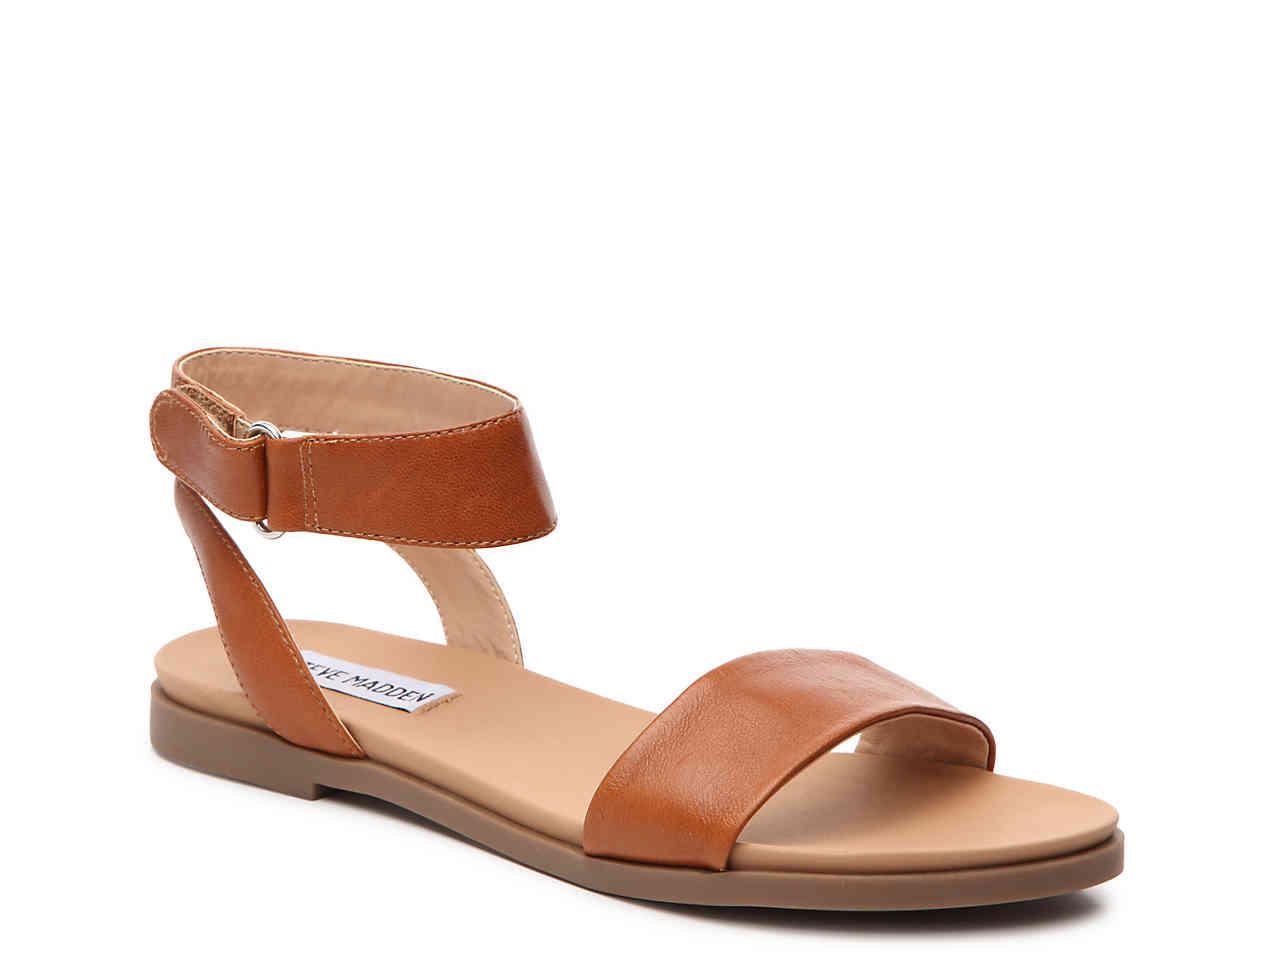 8c947465262 Lyst - Steve Madden Meghan Flat Sandal in Brown